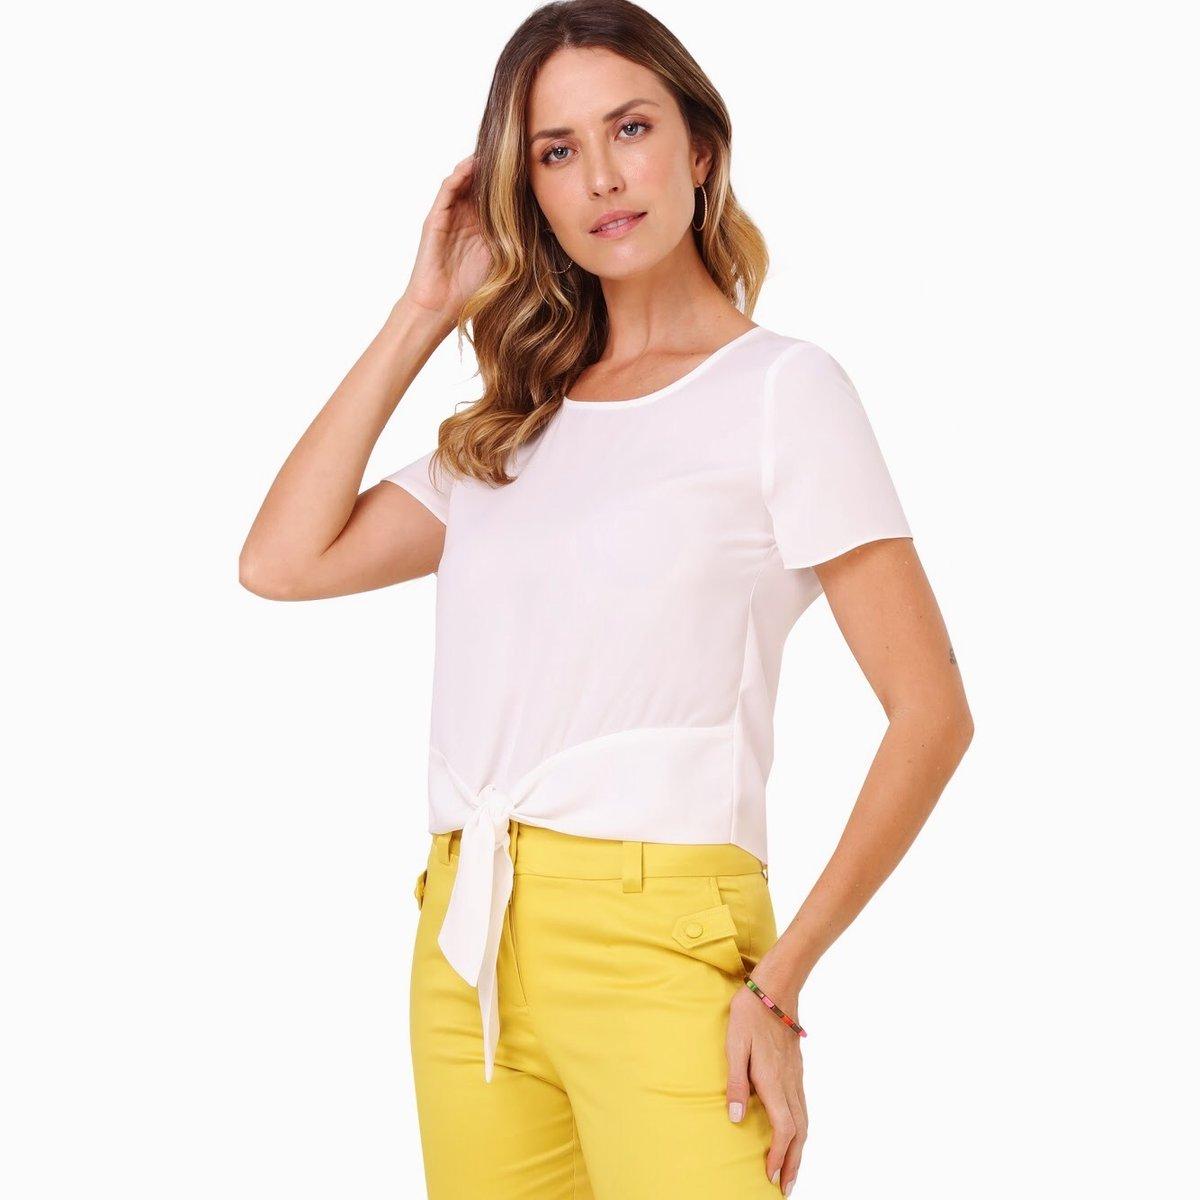 Símbolo clássico, o liso cede lugar a novas medidas e amarrações #fashiontodaybr #moda #brasil #mulheres #tendencia #estilo #modafemininapic.twitter.com/SMkJQU2z1u